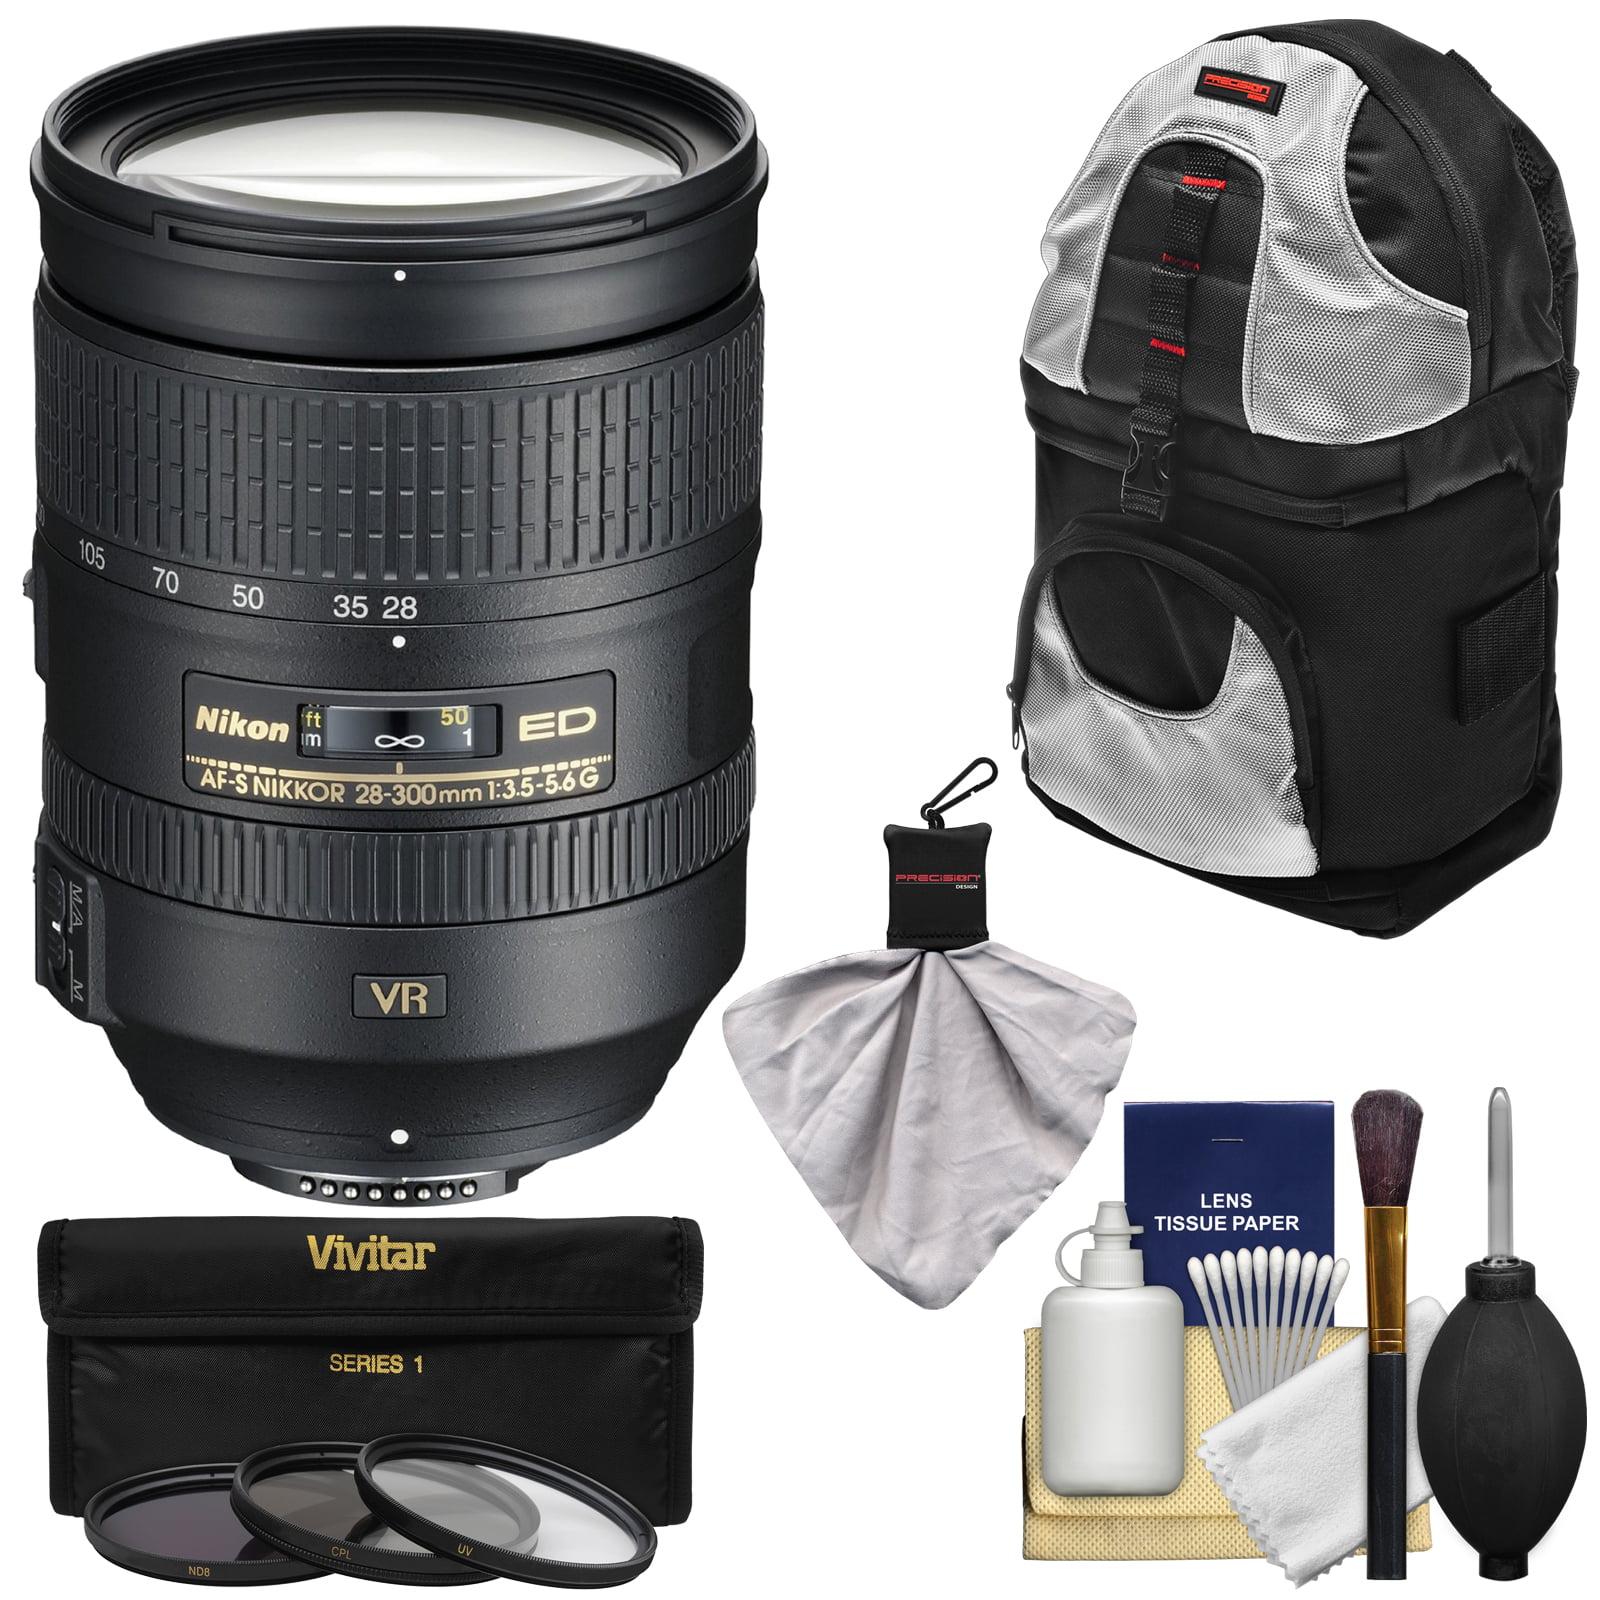 Nikon 28-300mm f/3.5-5.6 G VR AF-S ED Zoom-Nikkor Lens + 3 Filters + Sling Backpack Kit for D3200, D3300, D5300, D5500, D7100, D7200, D750, D810 Camera